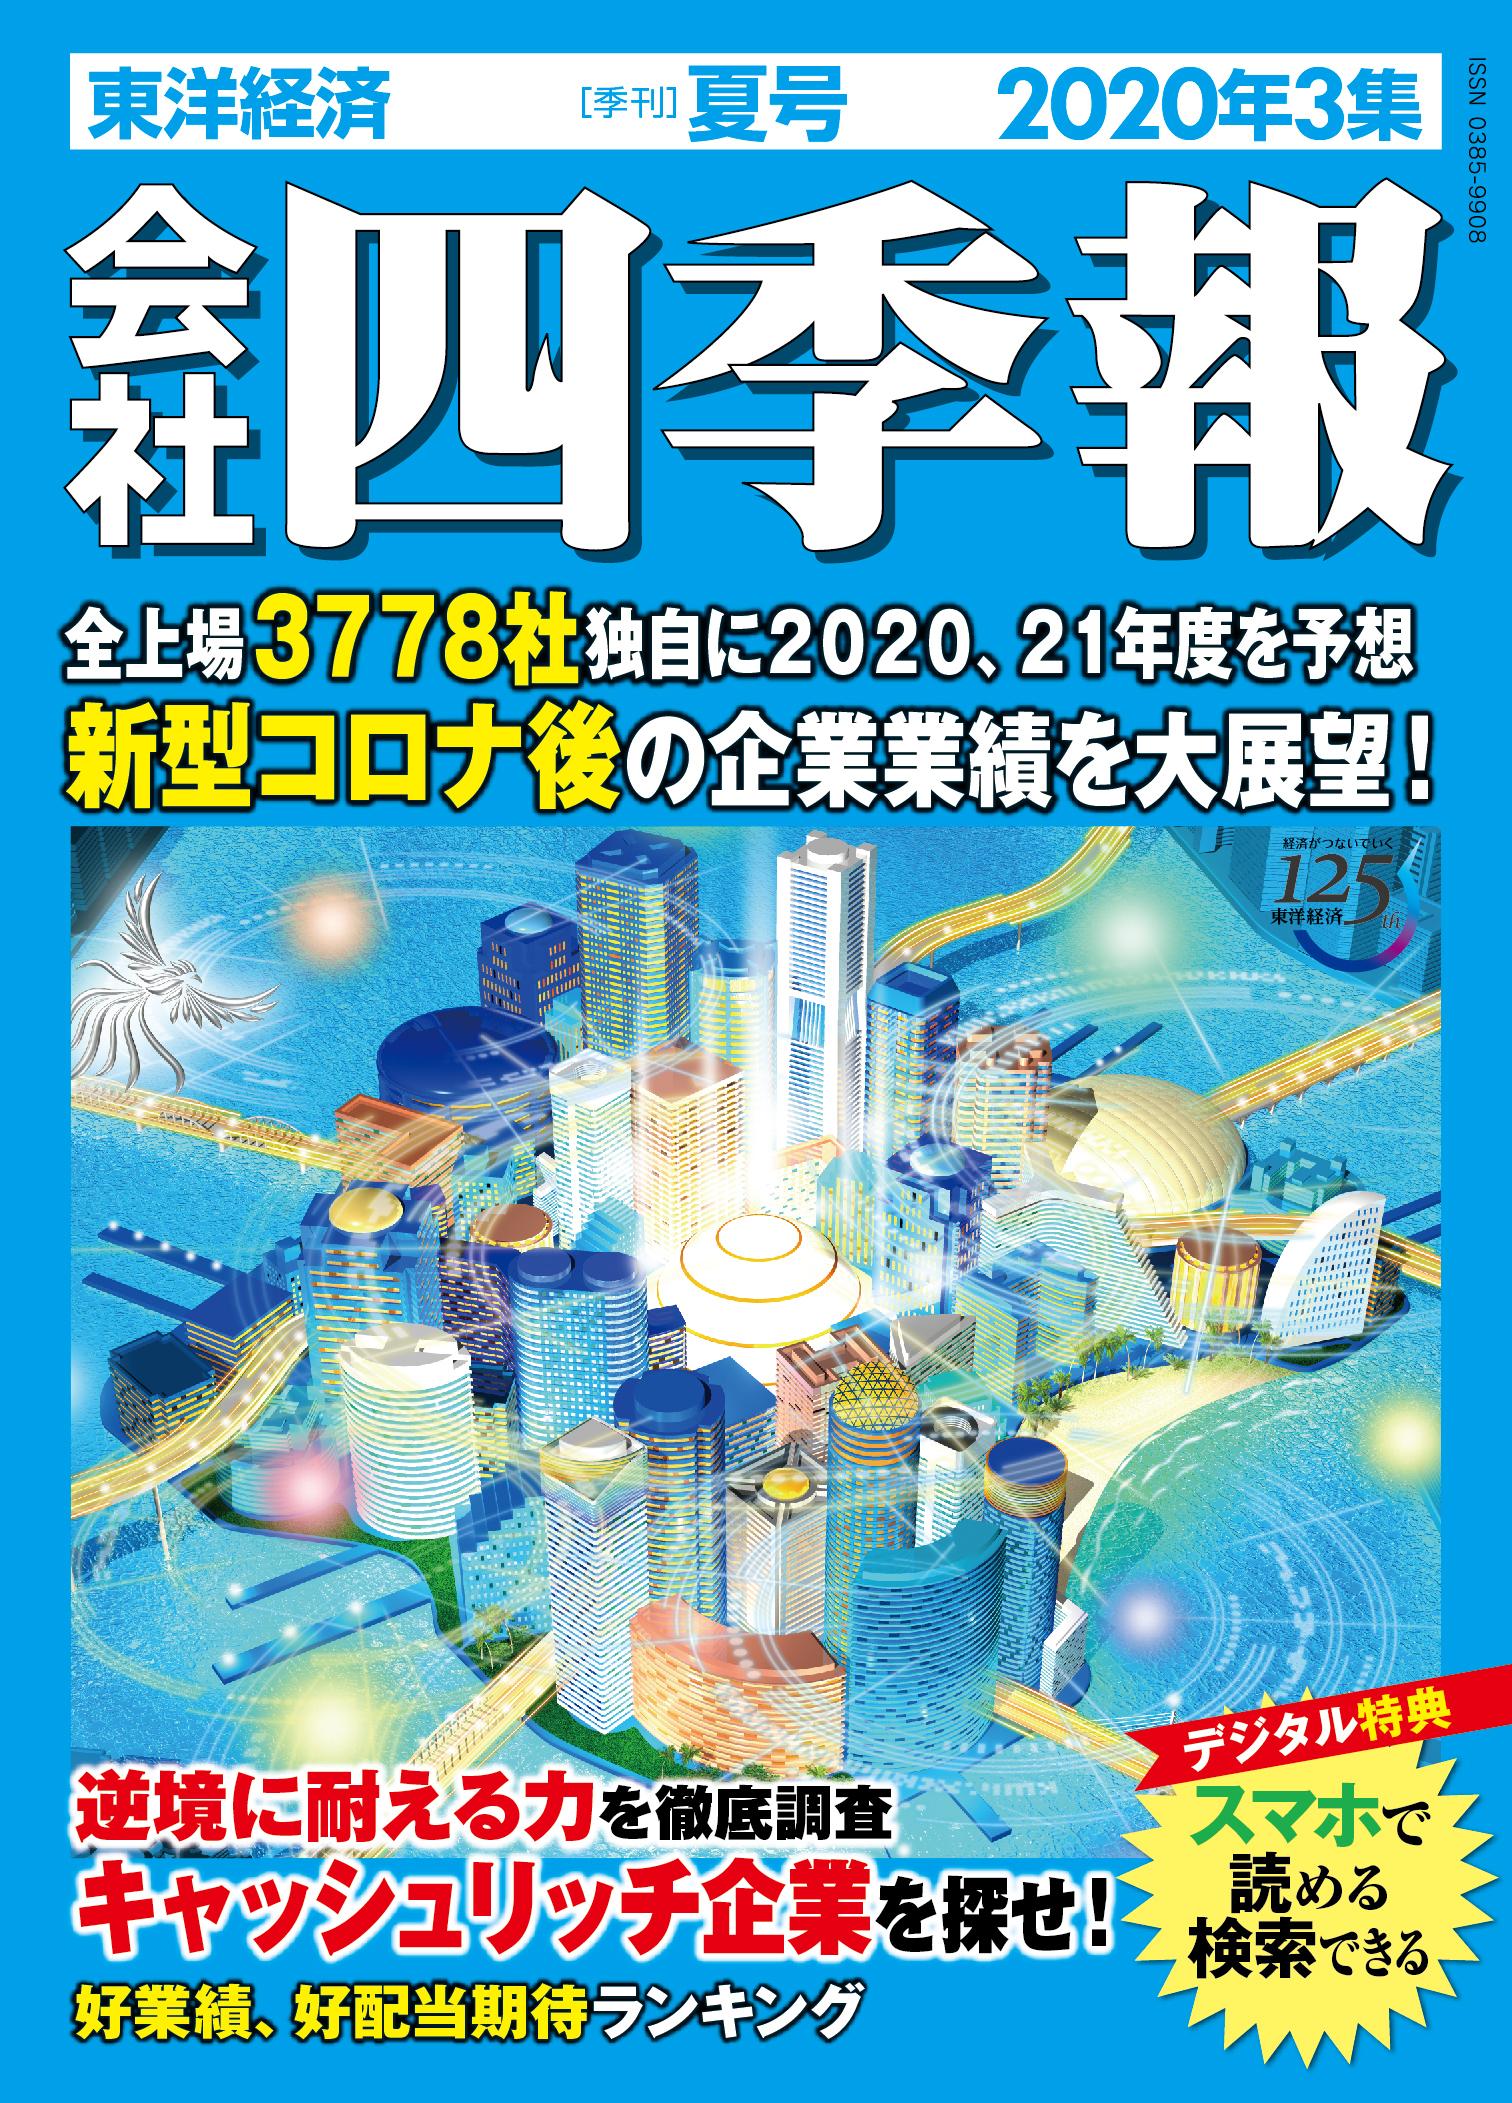 会社四季報2020年3集 夏号 | 東洋経済STORE